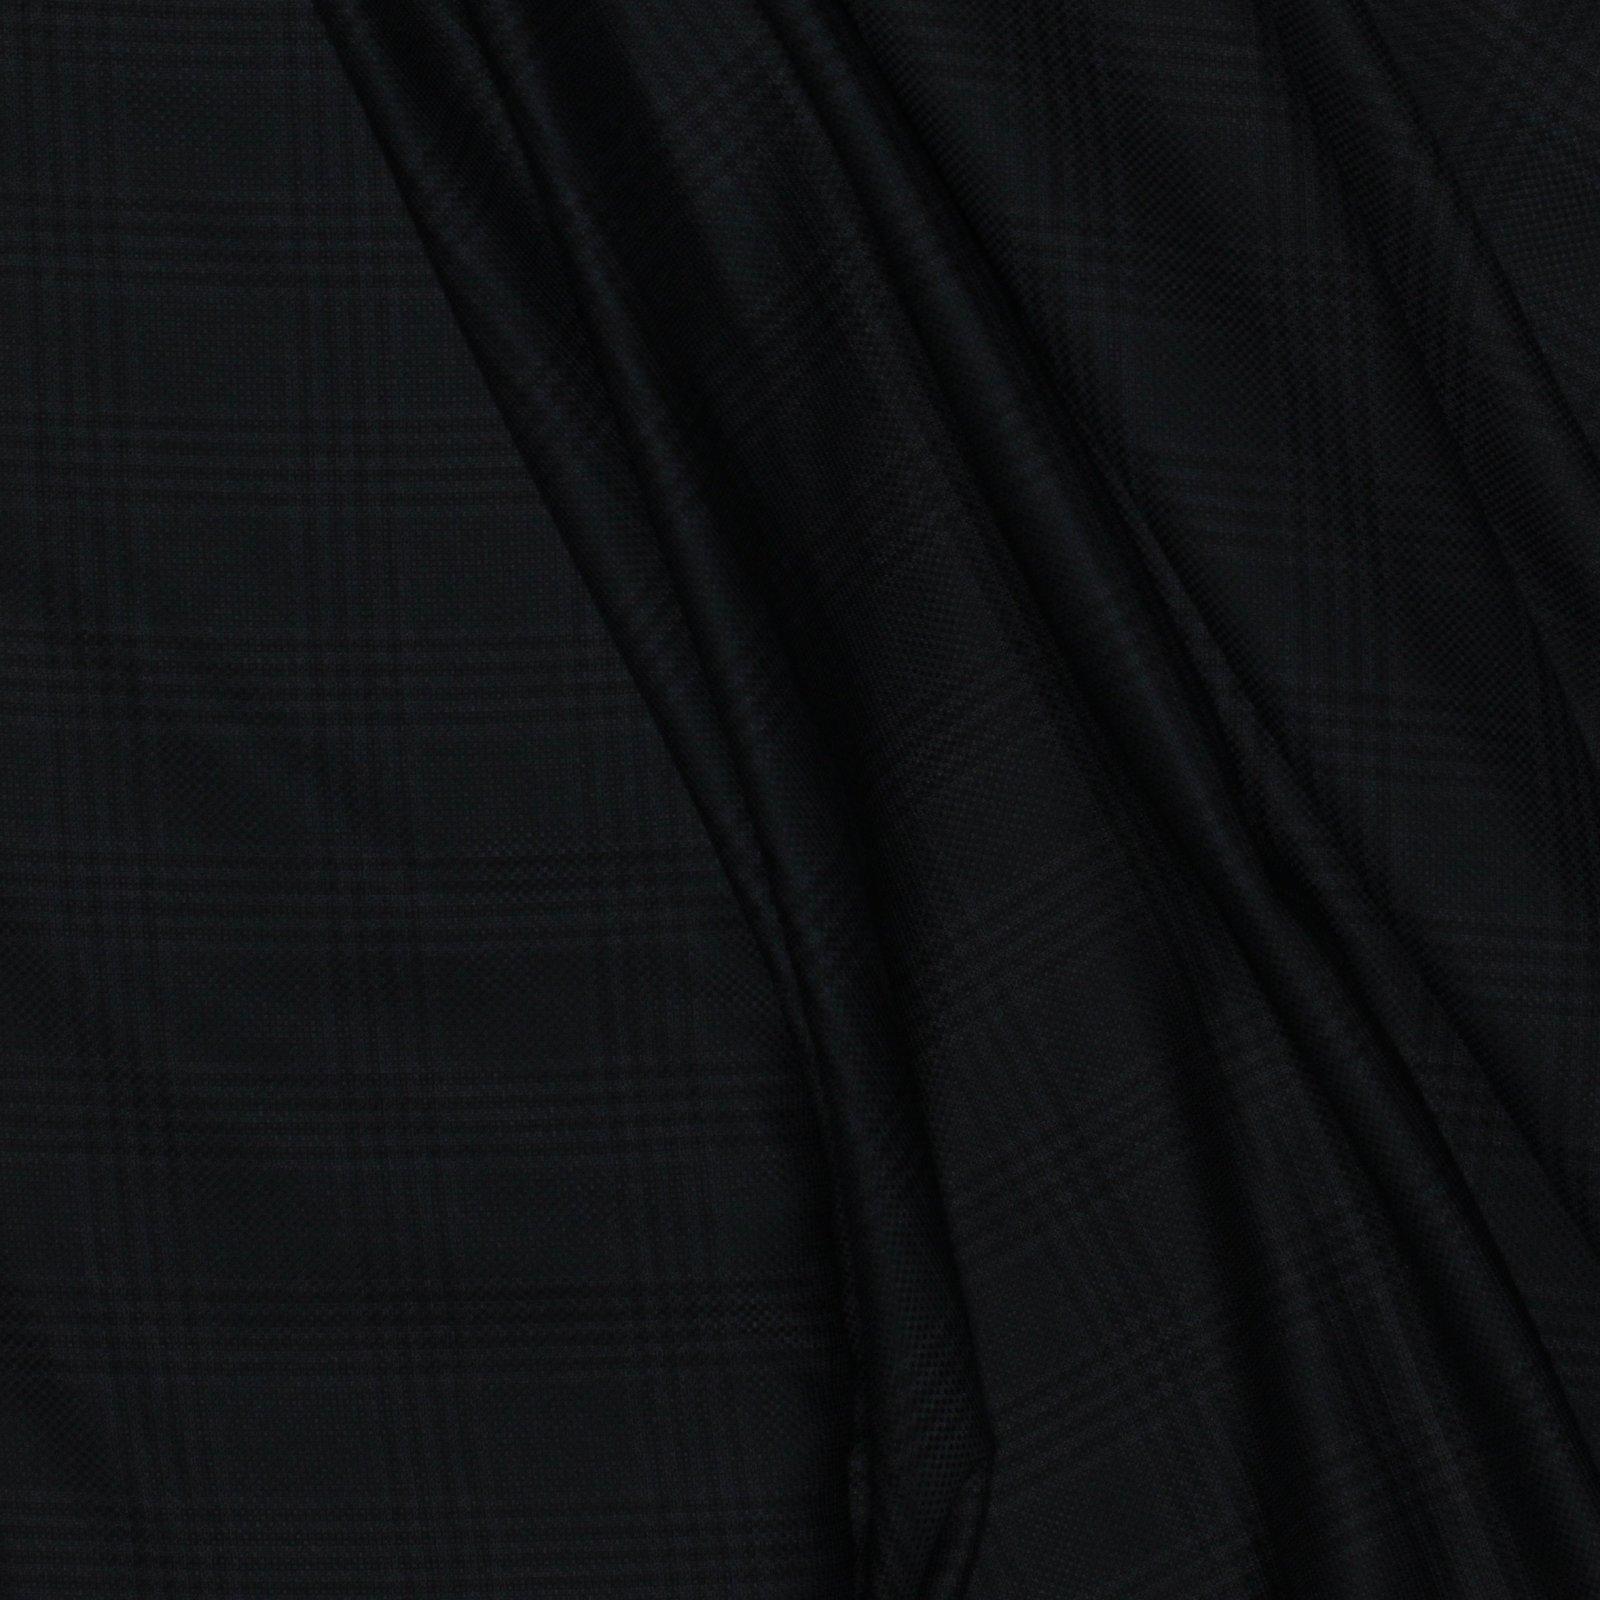 Black on Black Woven Plaid Italian Wool